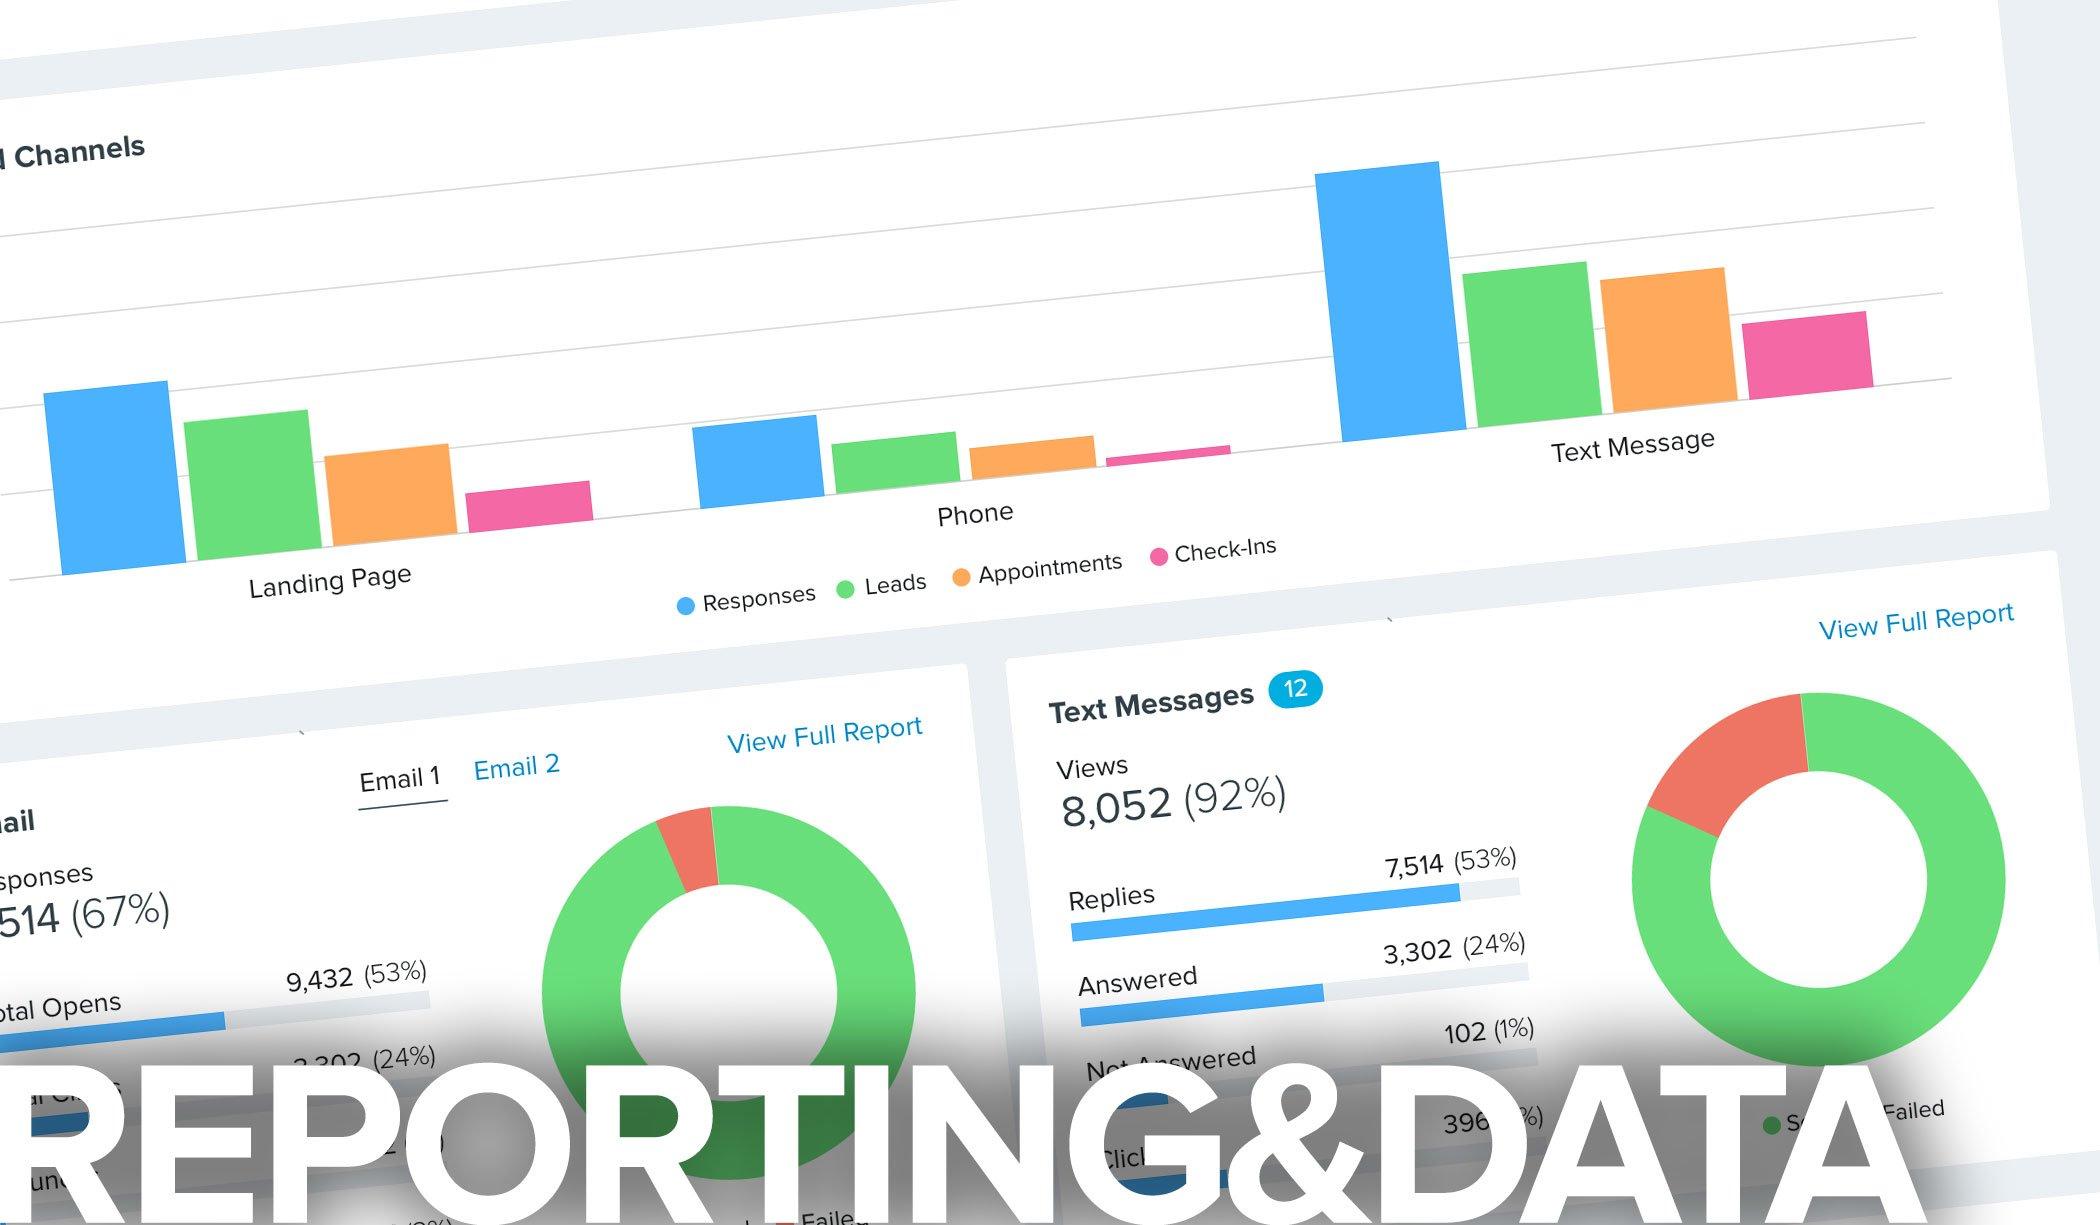 DMio_reporting-data